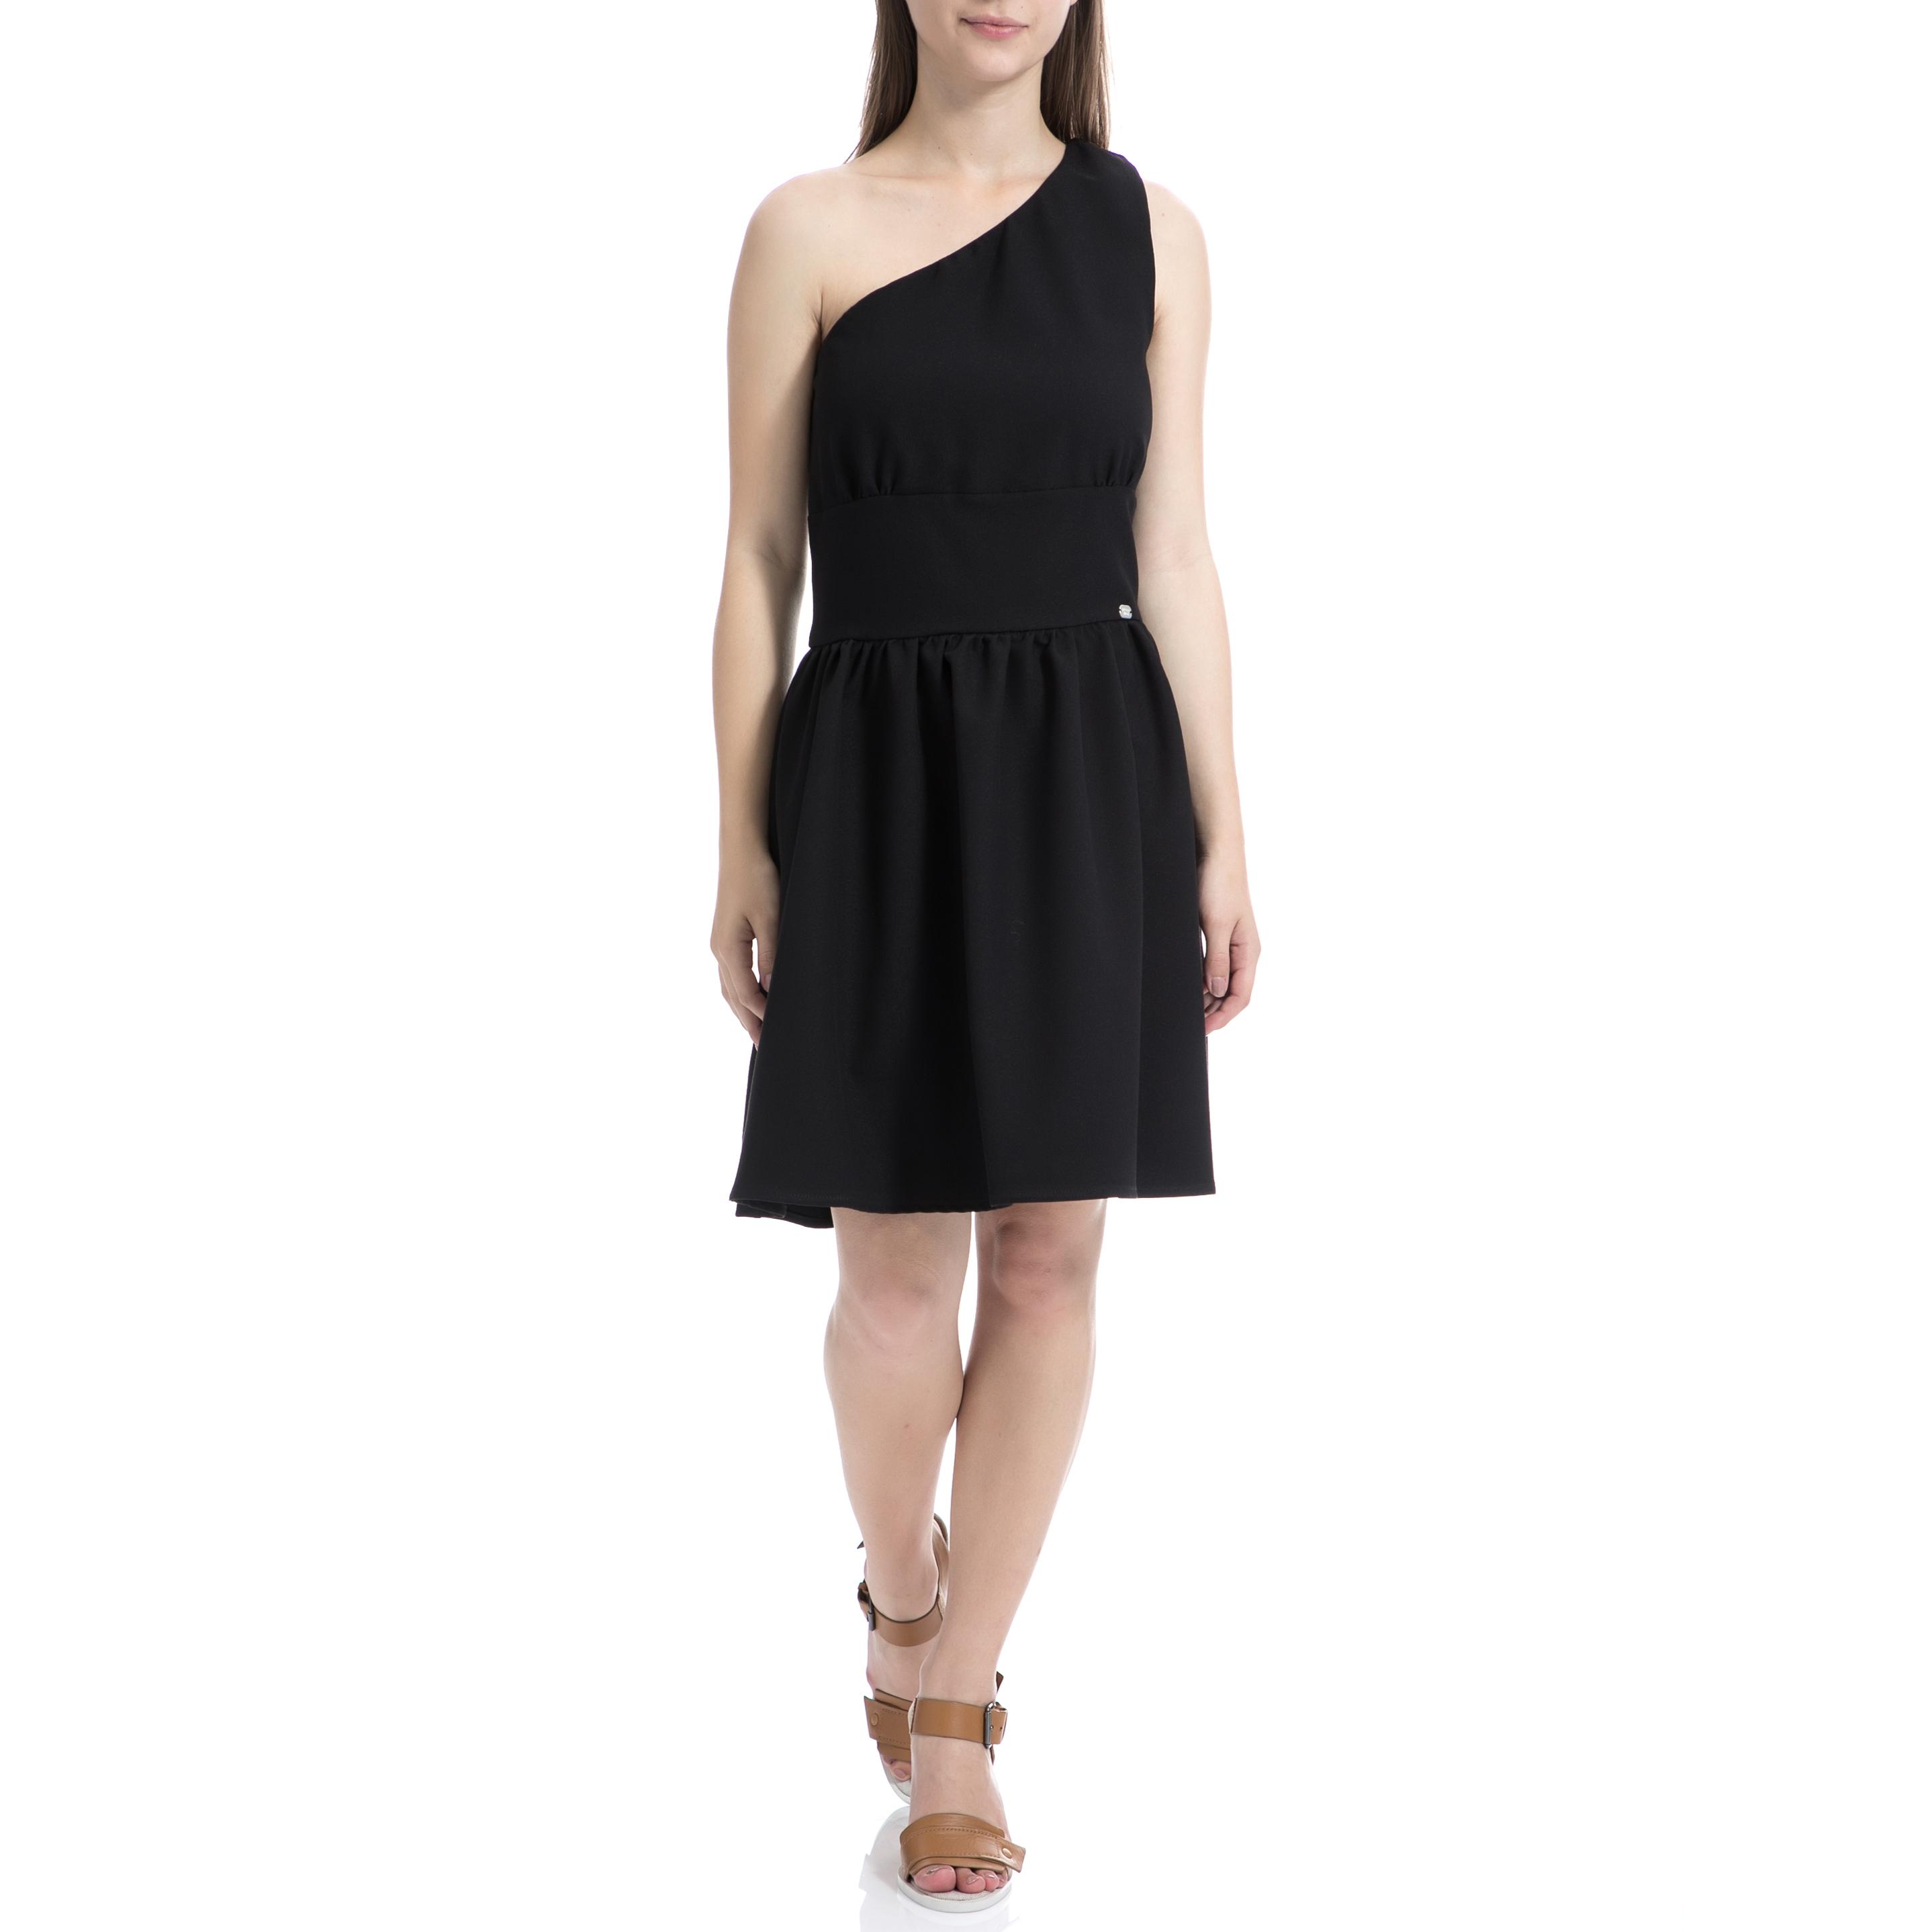 DENNY ROSE - Γυναικείο φόρεμα Denny Rose μαύρο γυναικεία ρούχα φορέματα μίνι